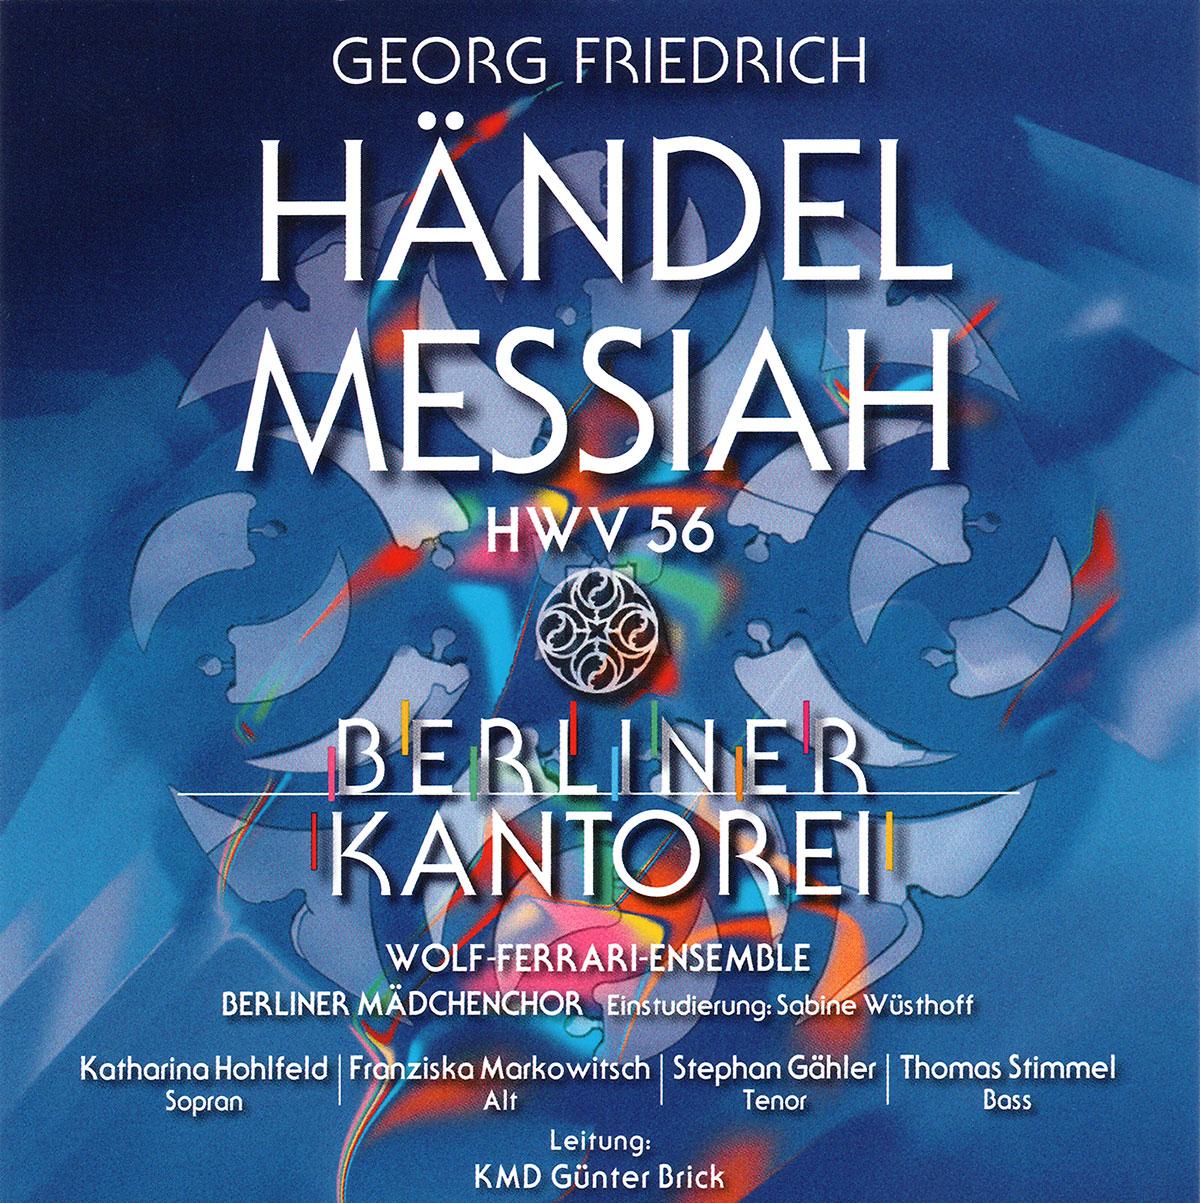 Händel Messiah 2016, Berliner Kantorei mit Berliner Mädchenchor (Kleiner Konzertchor)